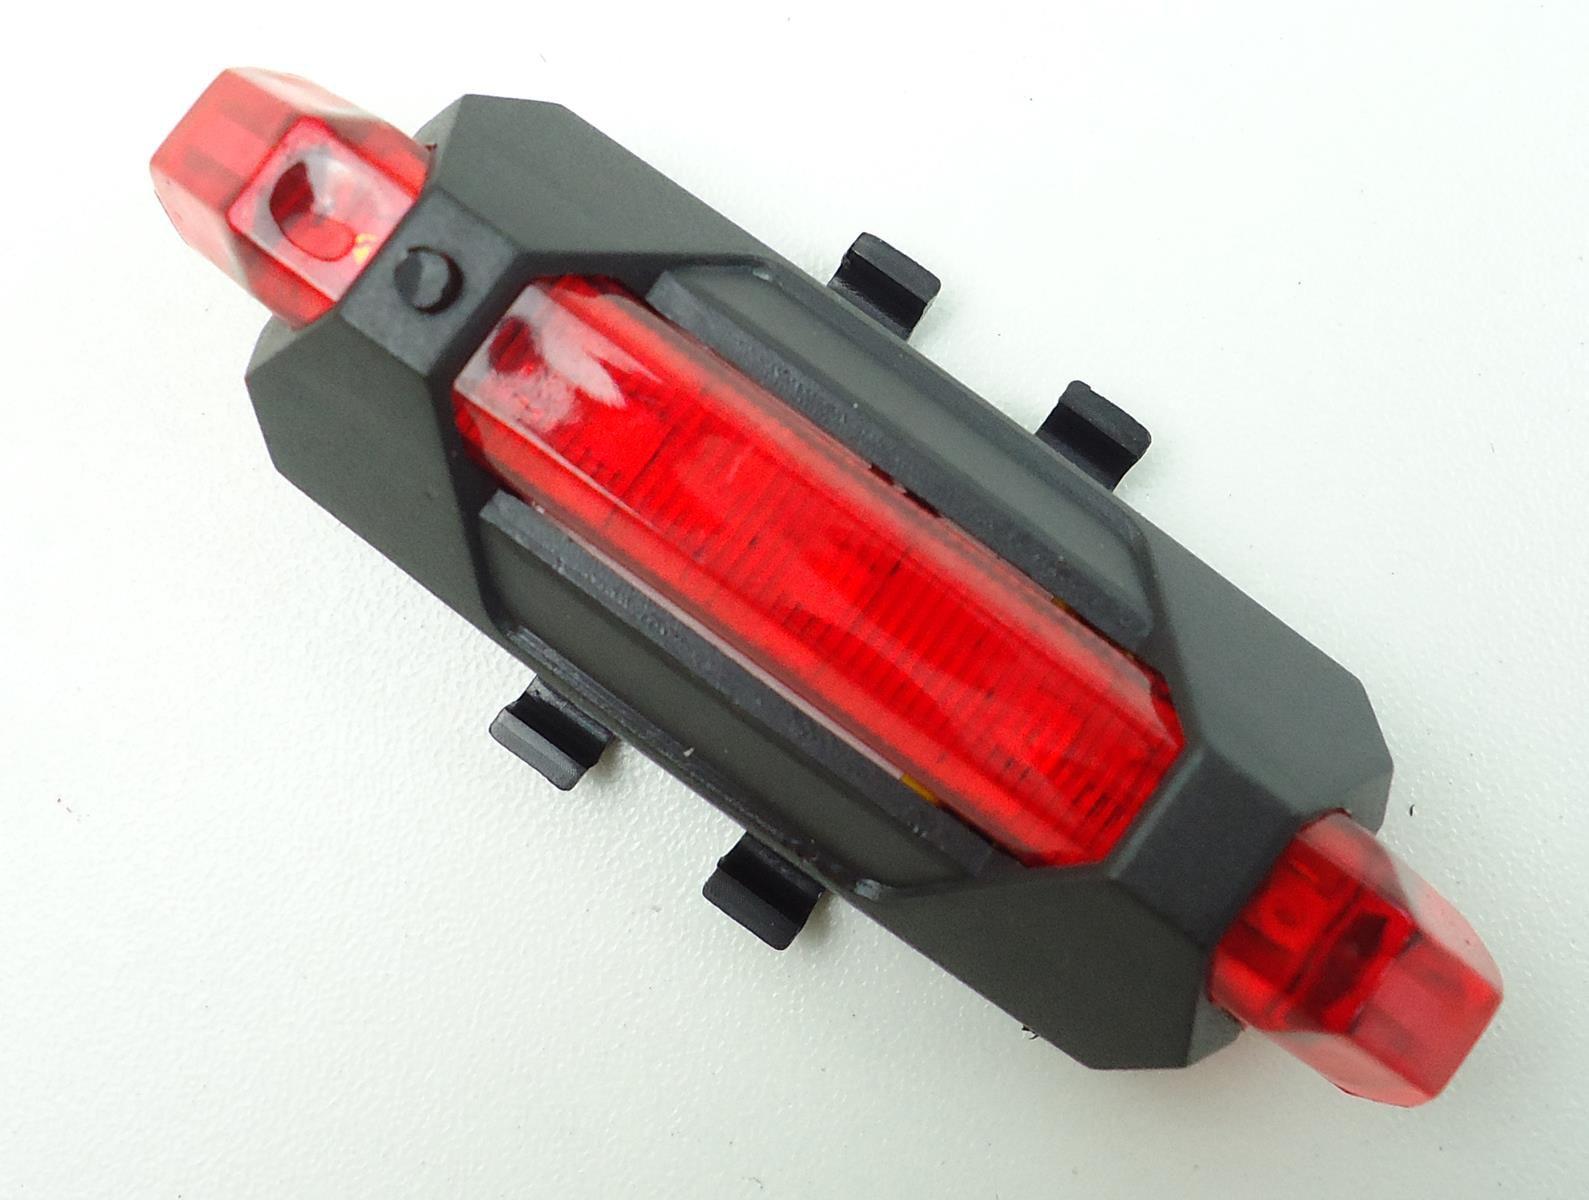 Sinalizador com Led JWS JY-918 Recarregável USB Led Vermelho 4 Modos Super Forte